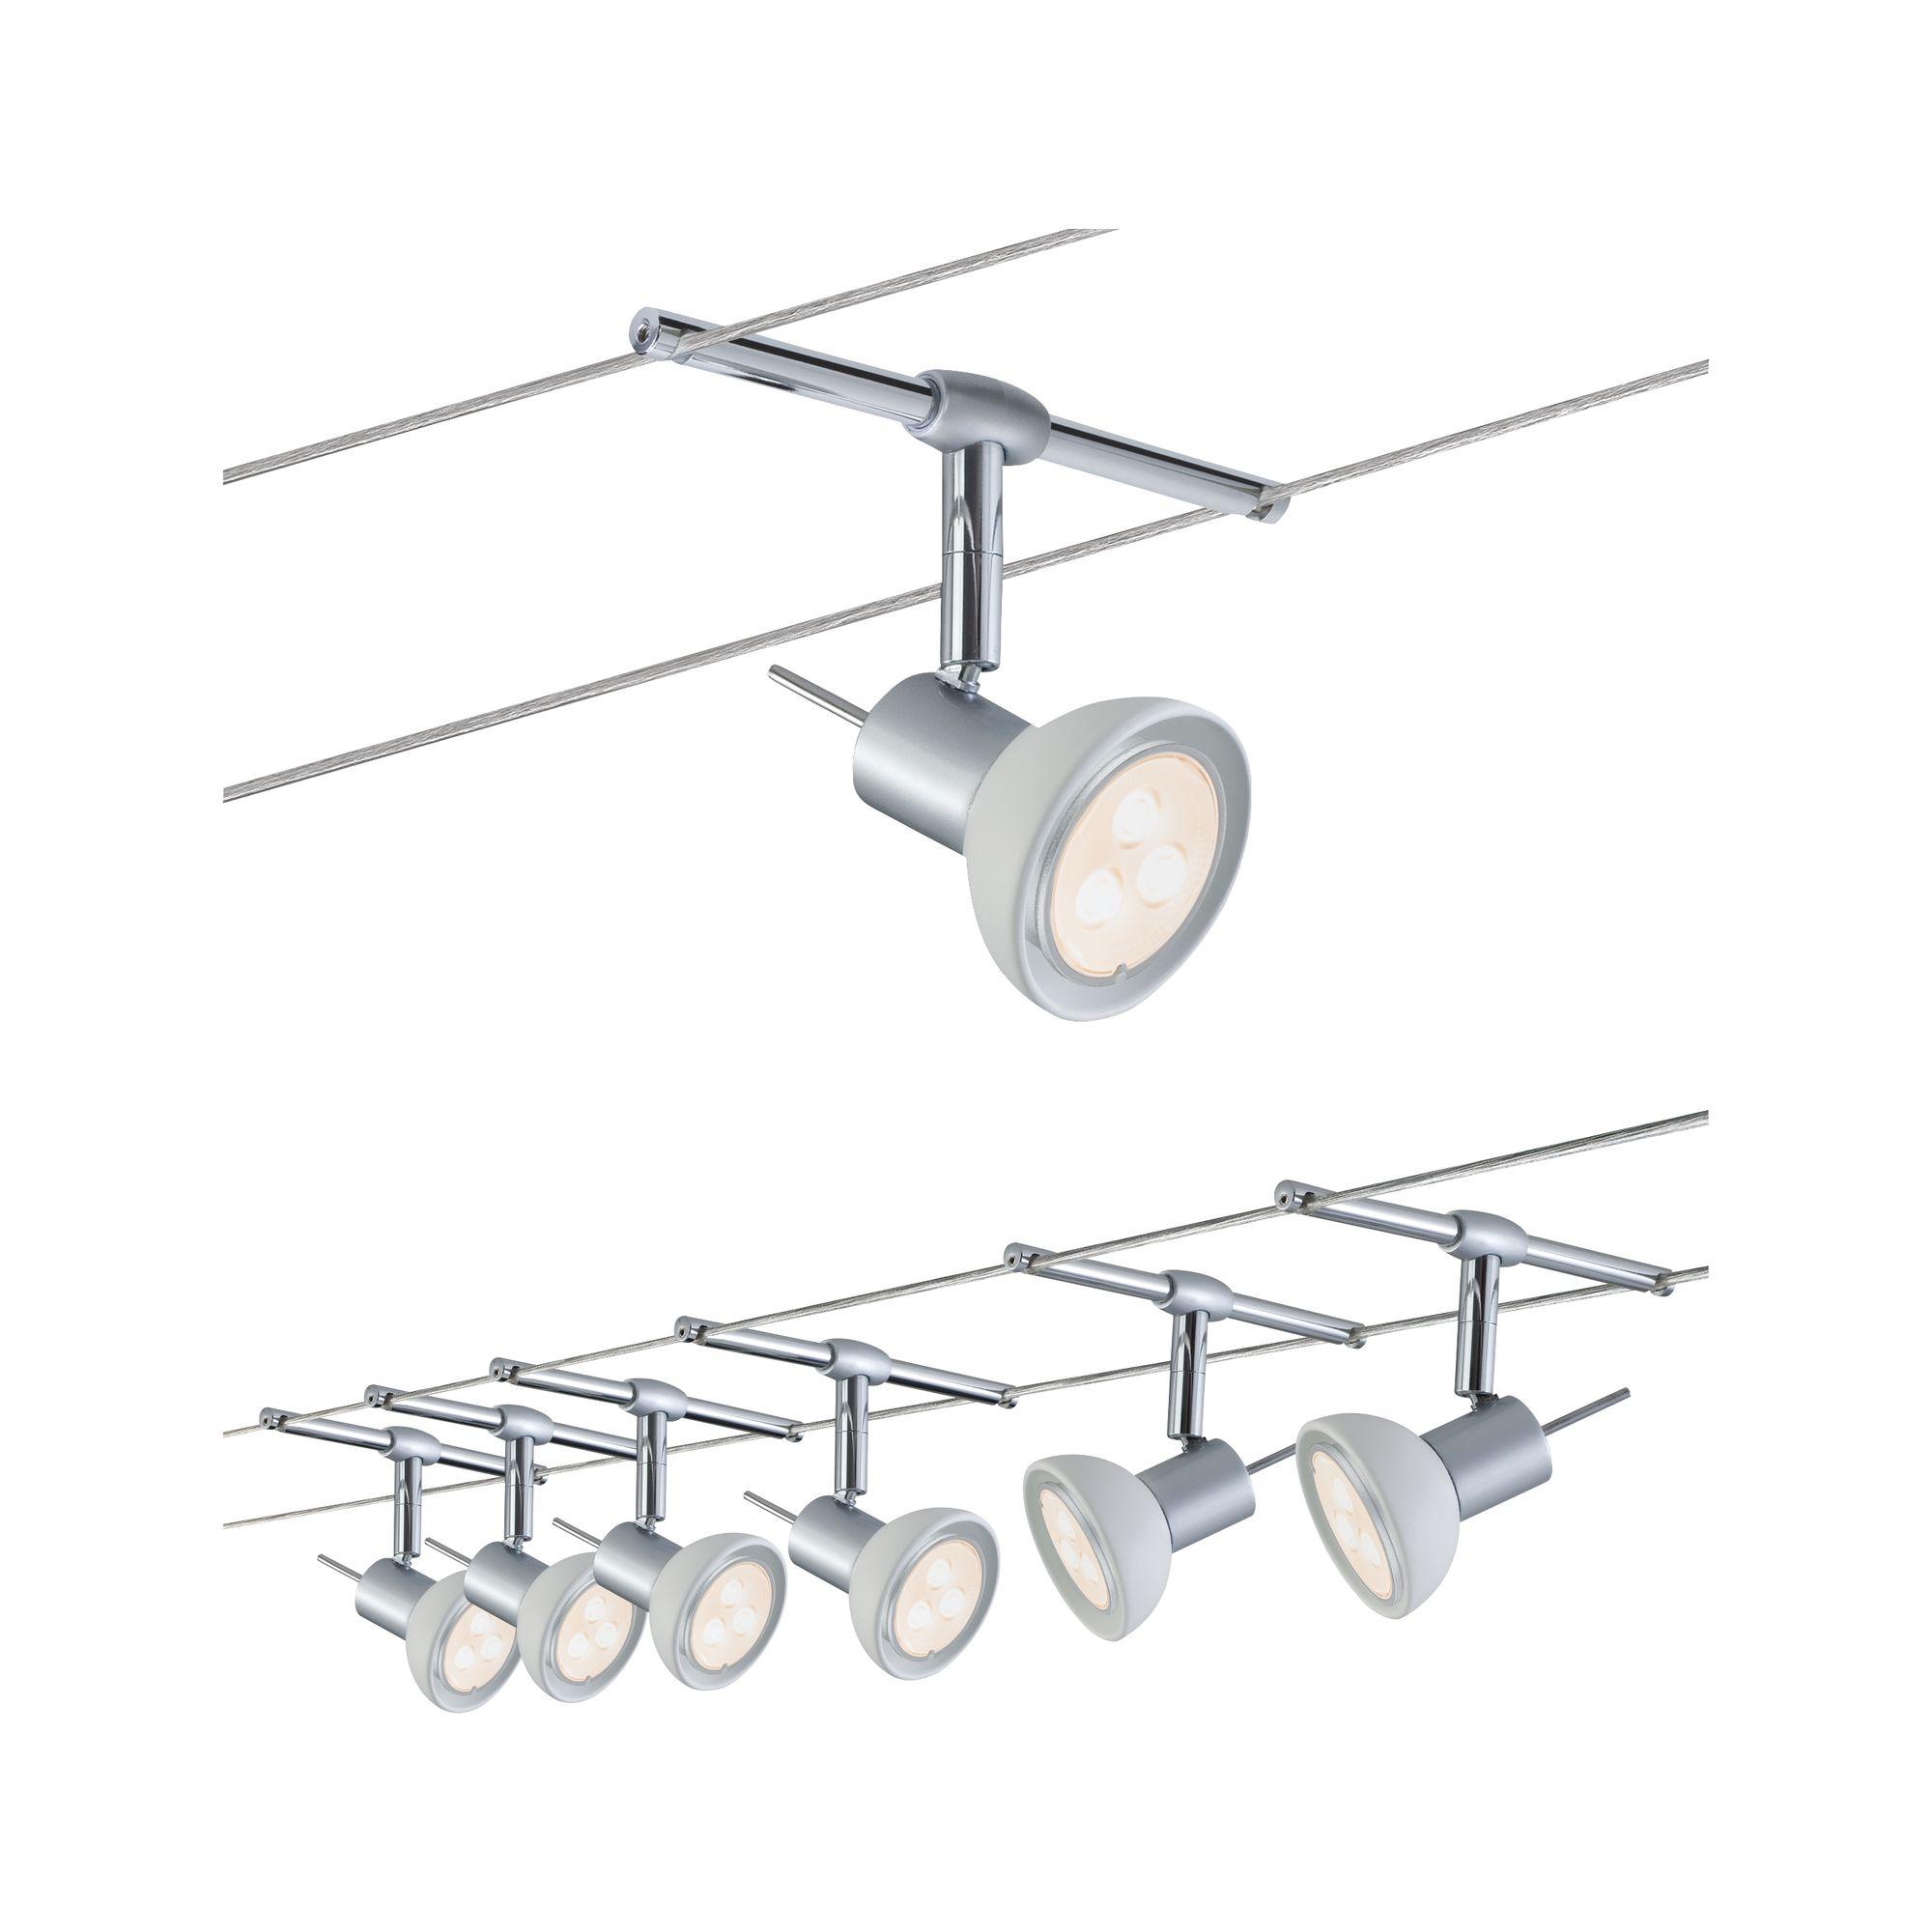 LED lankové systémy